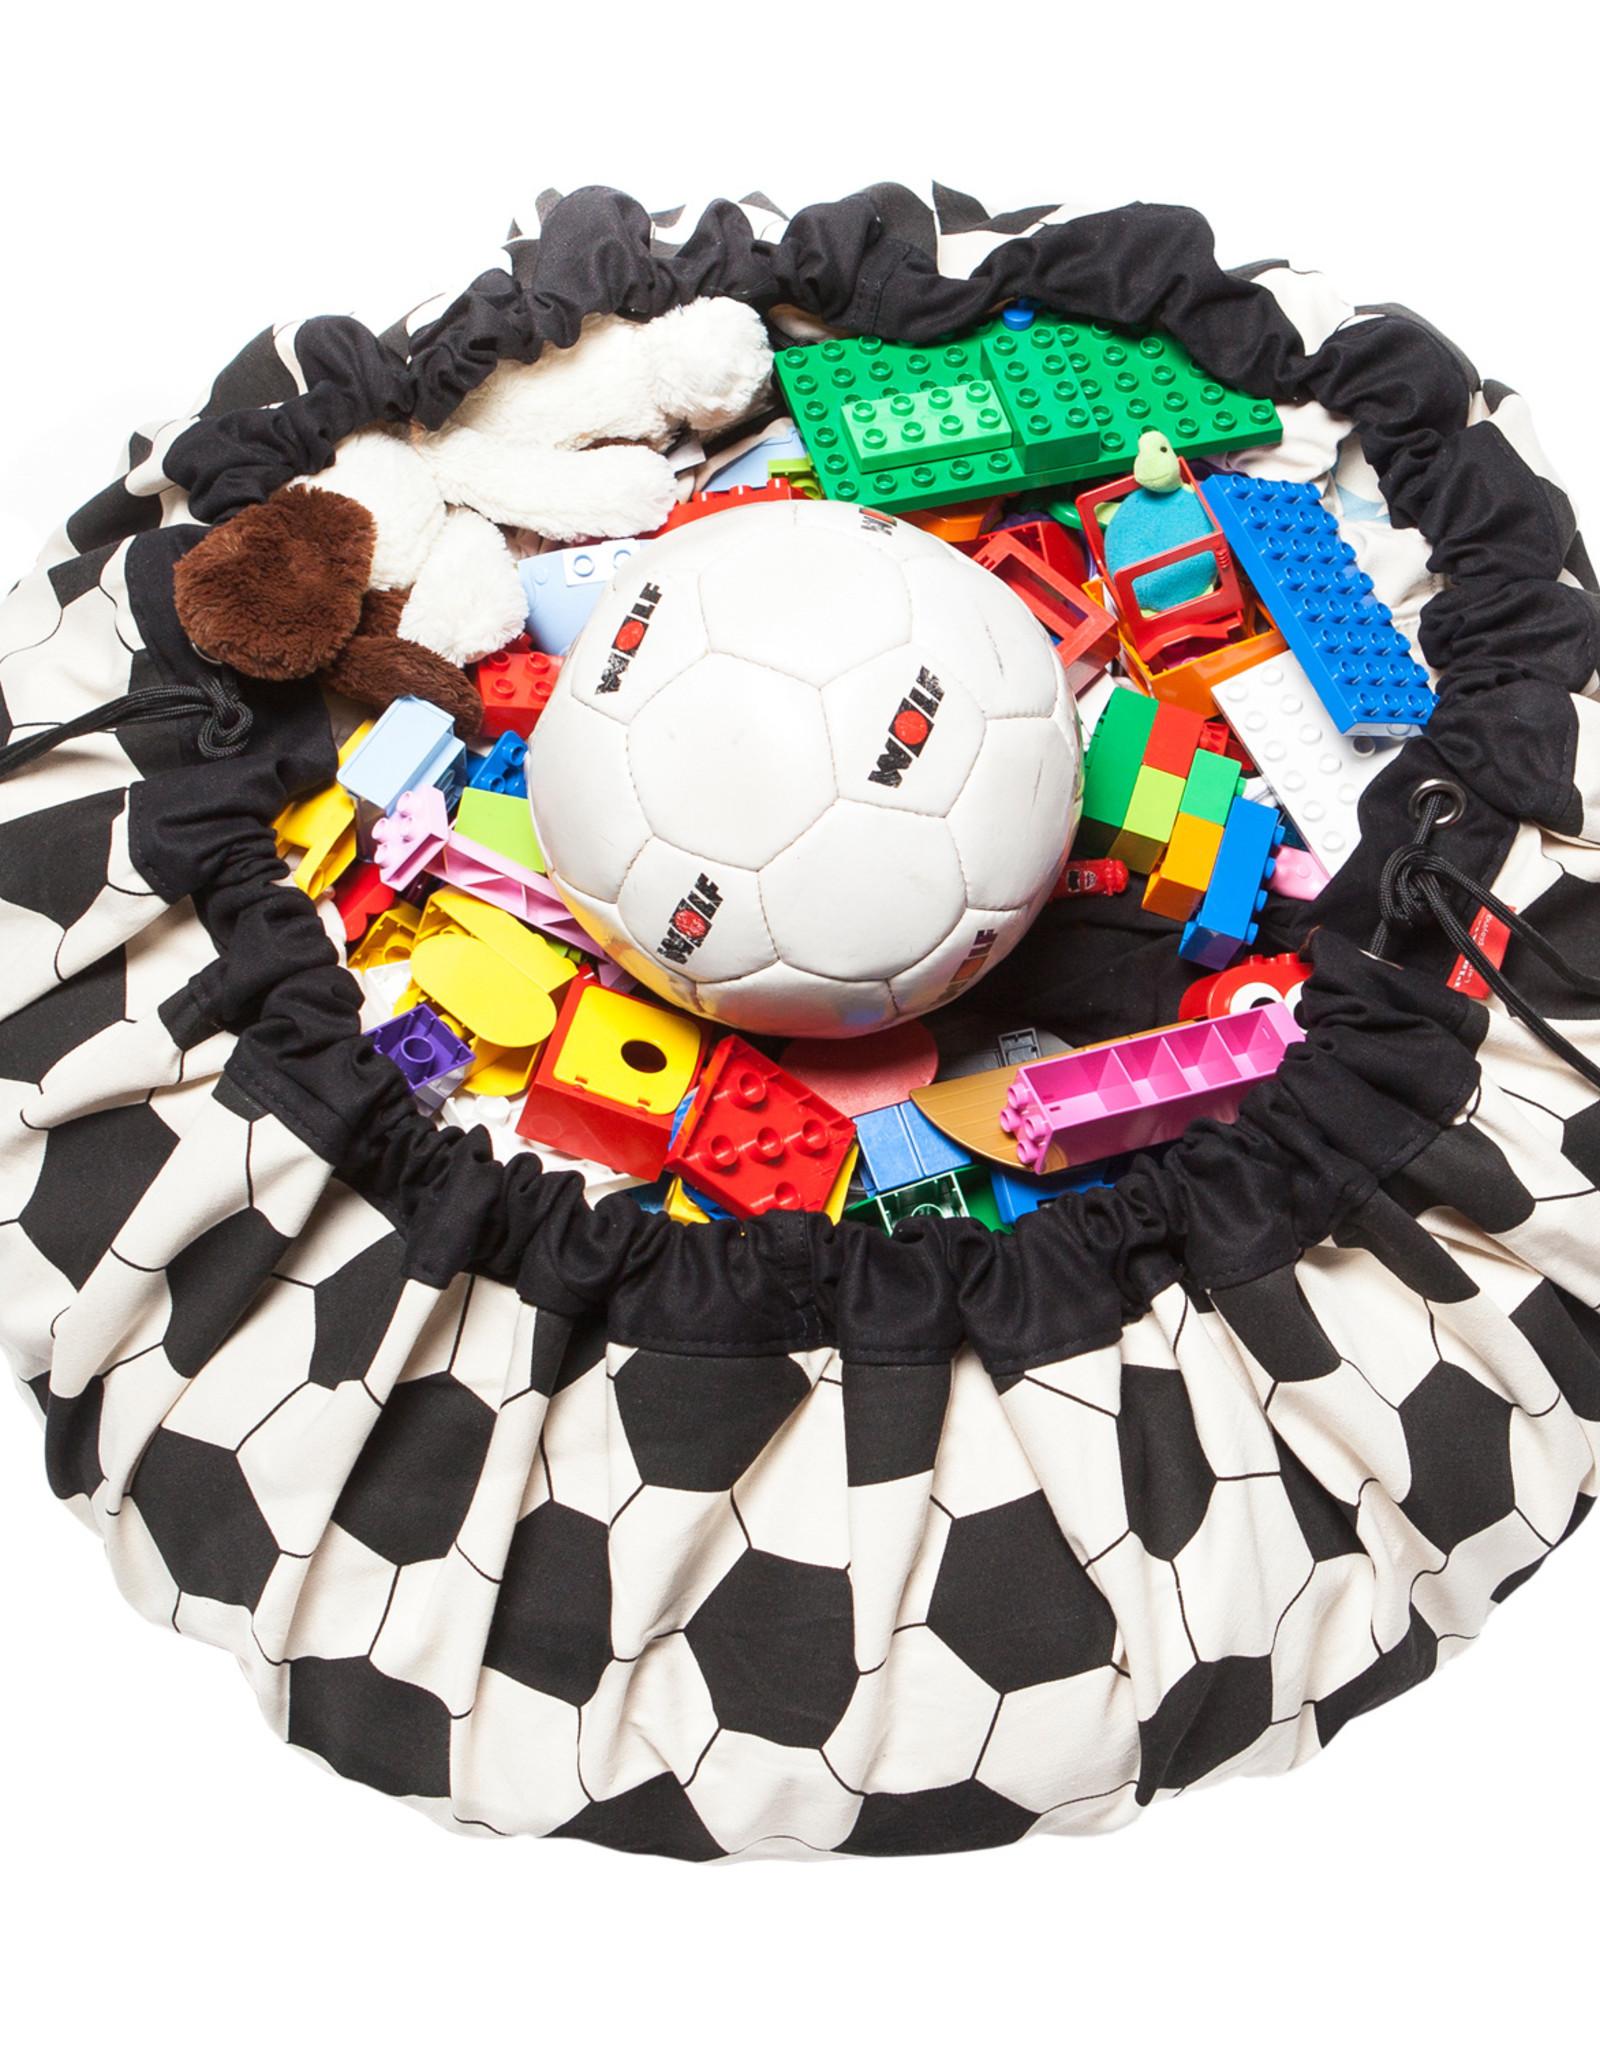 Play & Go Play & Go - OPBERGZAK EN SPEELMAT - FOOTBALL